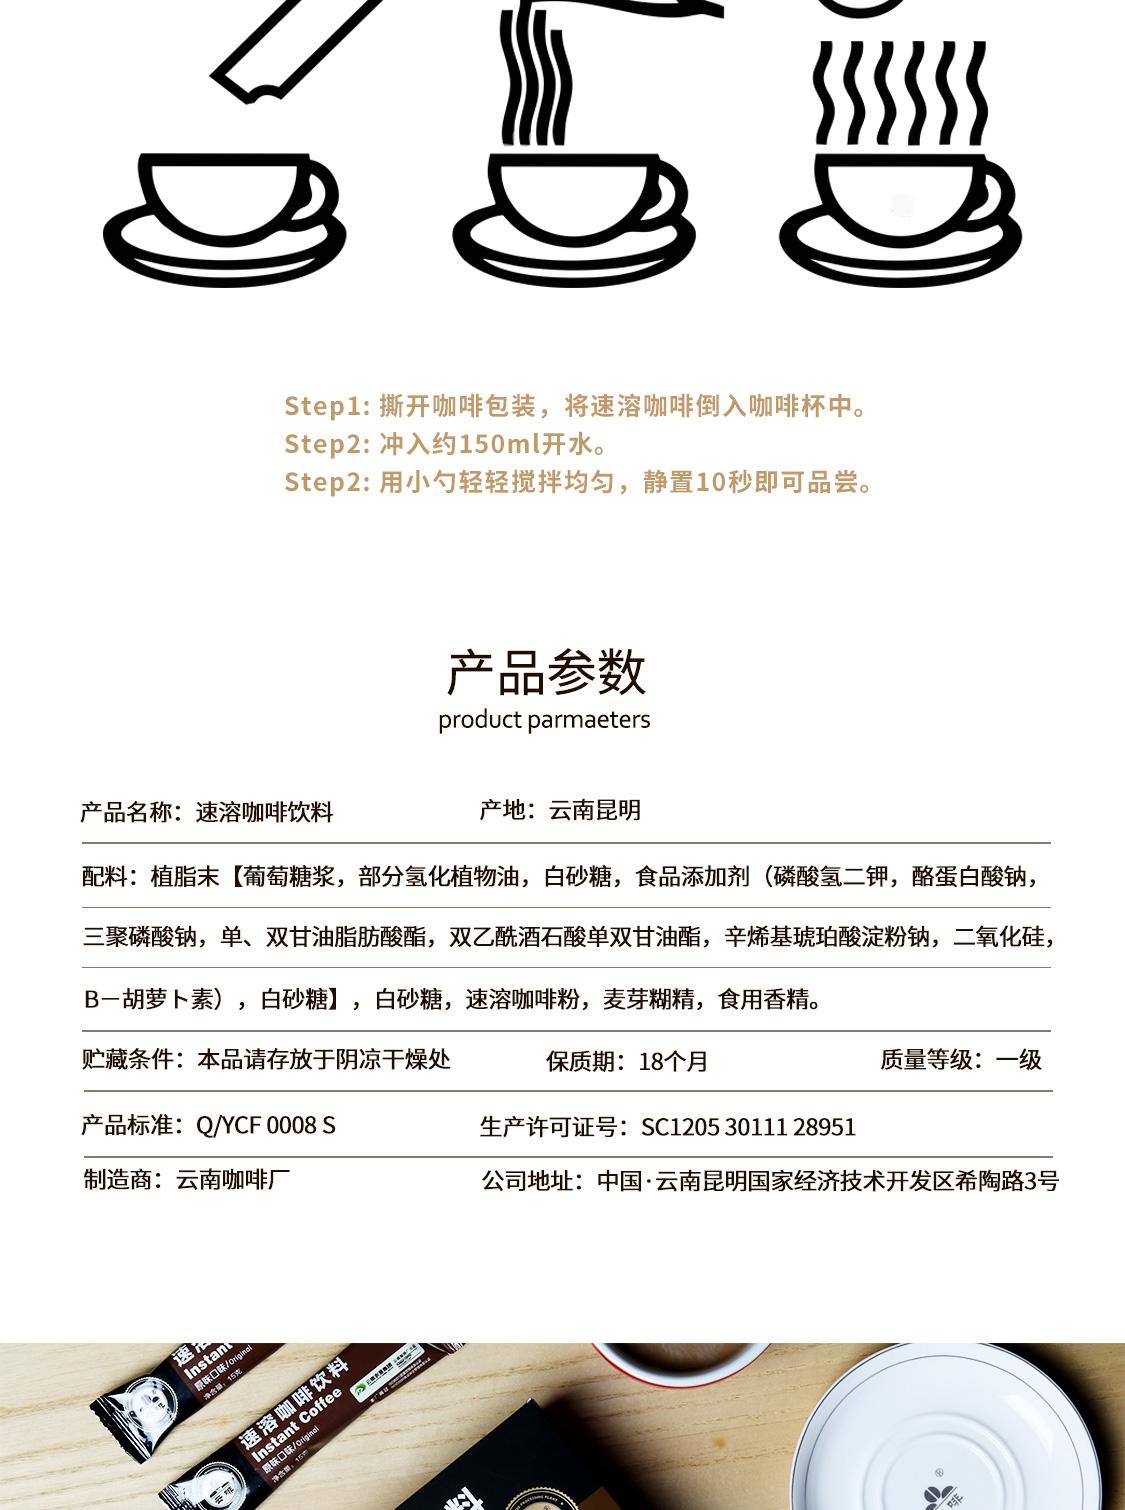 原味速溶咖啡大盒装_13.jpg